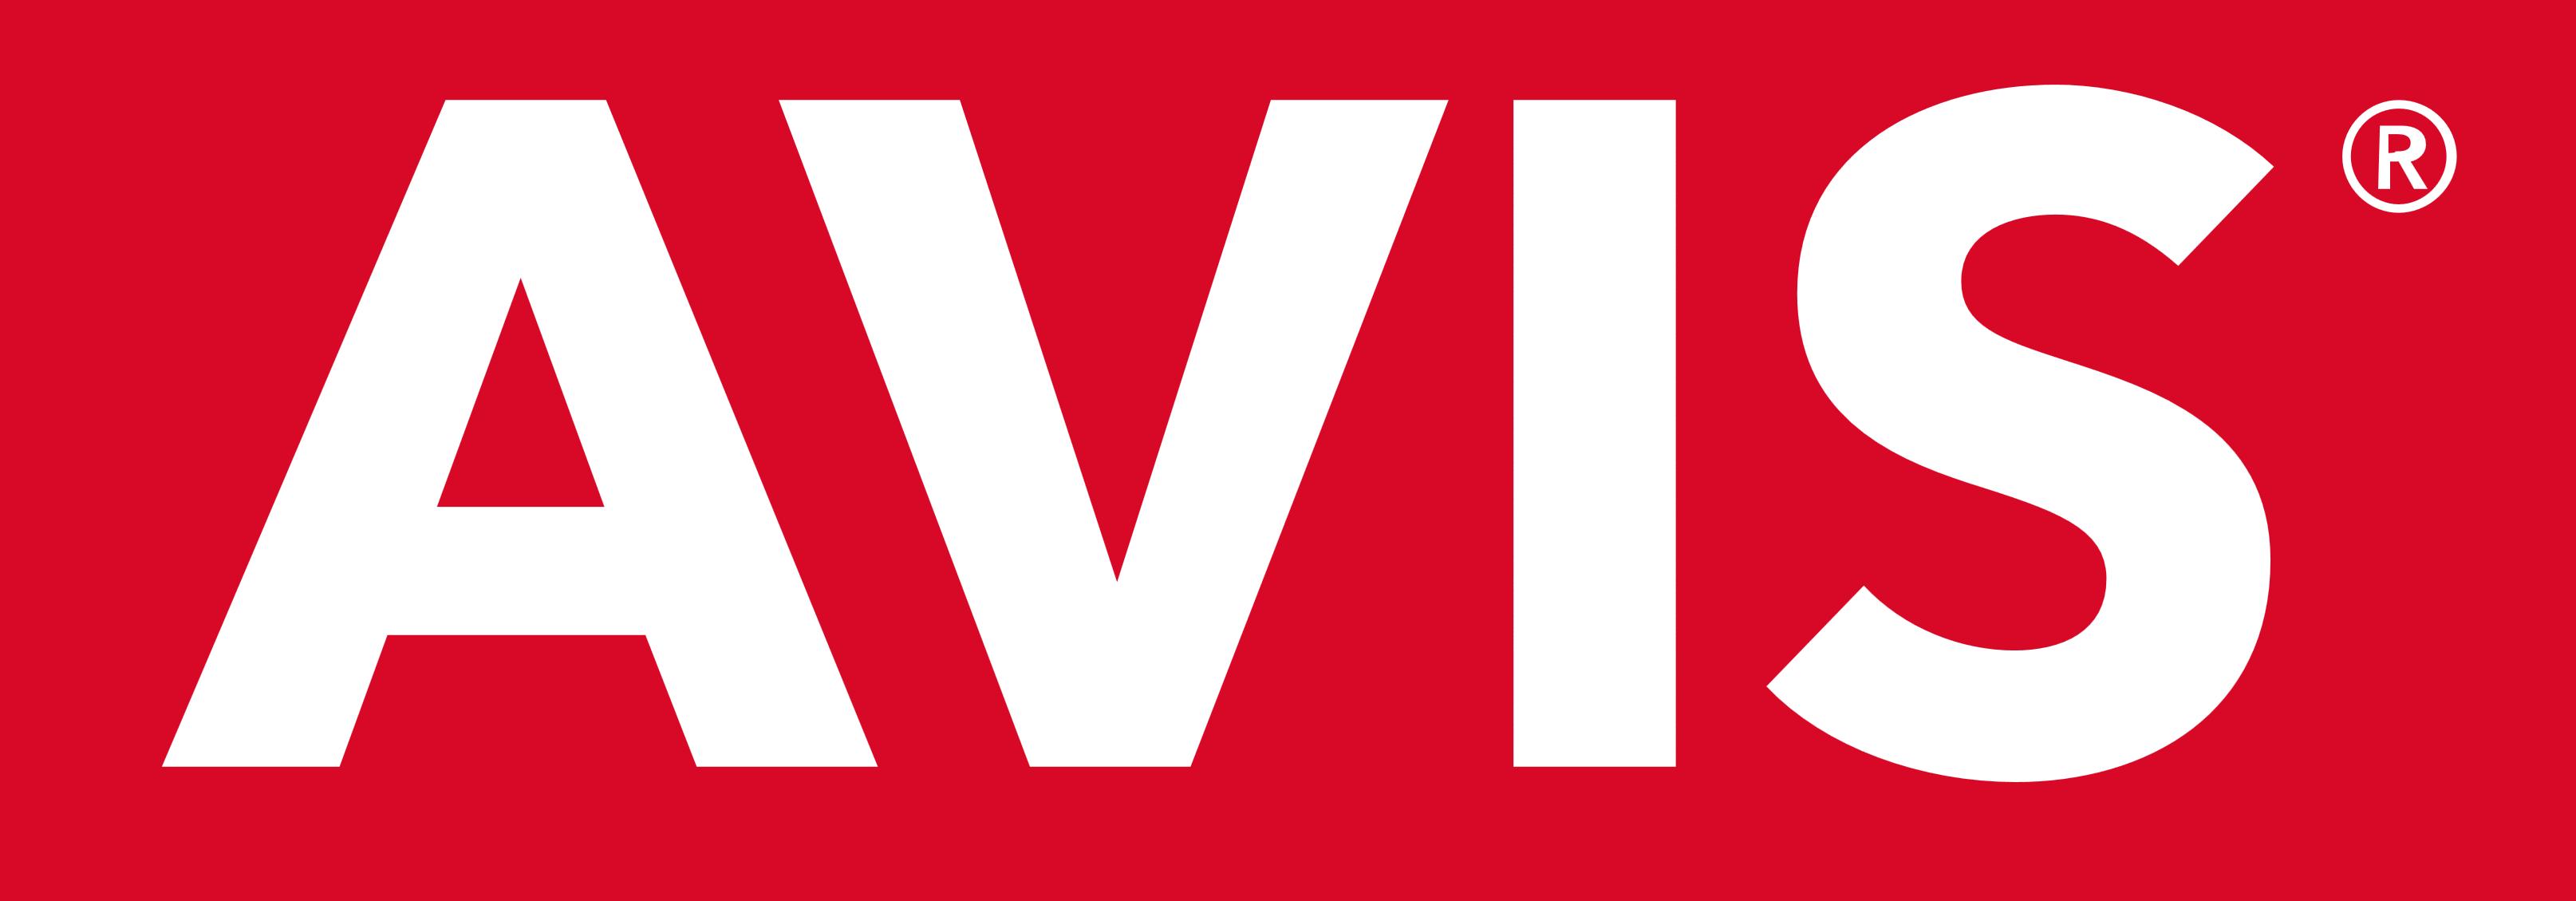 ハワイ レンタカー会社 AVIS